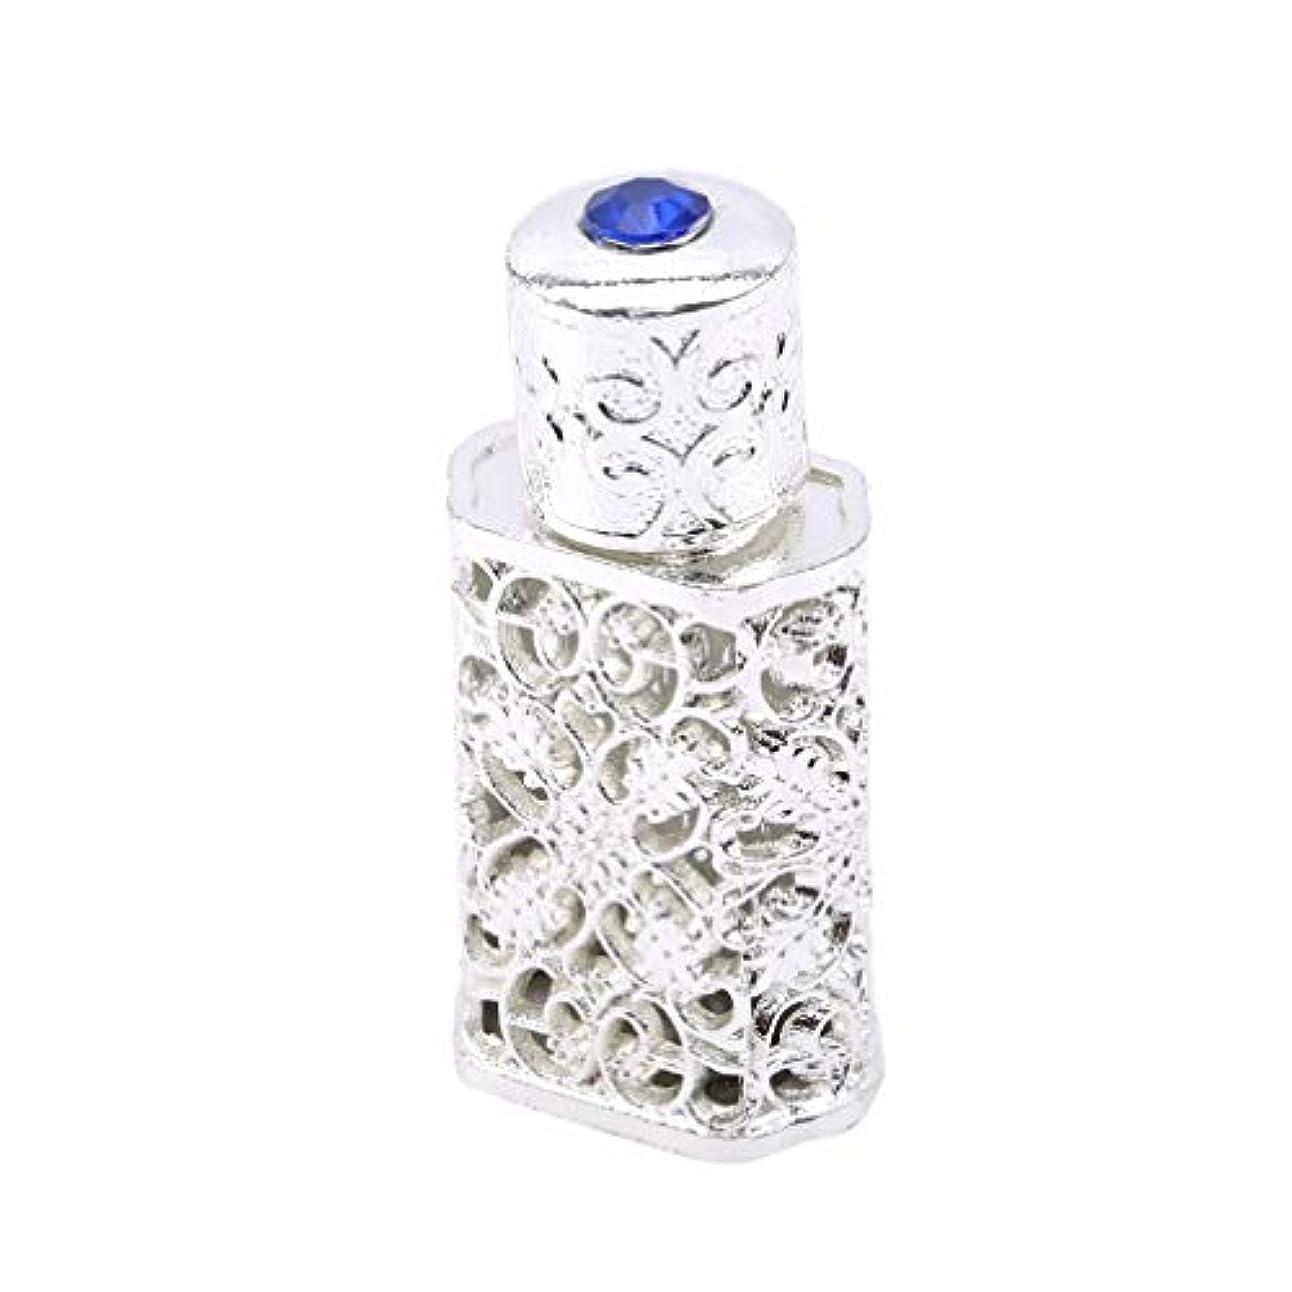 男らしさ贈り物一目LUXWELL(ラクスウェル)香水瓶 香水アトマイザー 香水噴霧器 詰め替え容器 香水用 香水スプレー パフューム アラビア風 旅行携帯便利